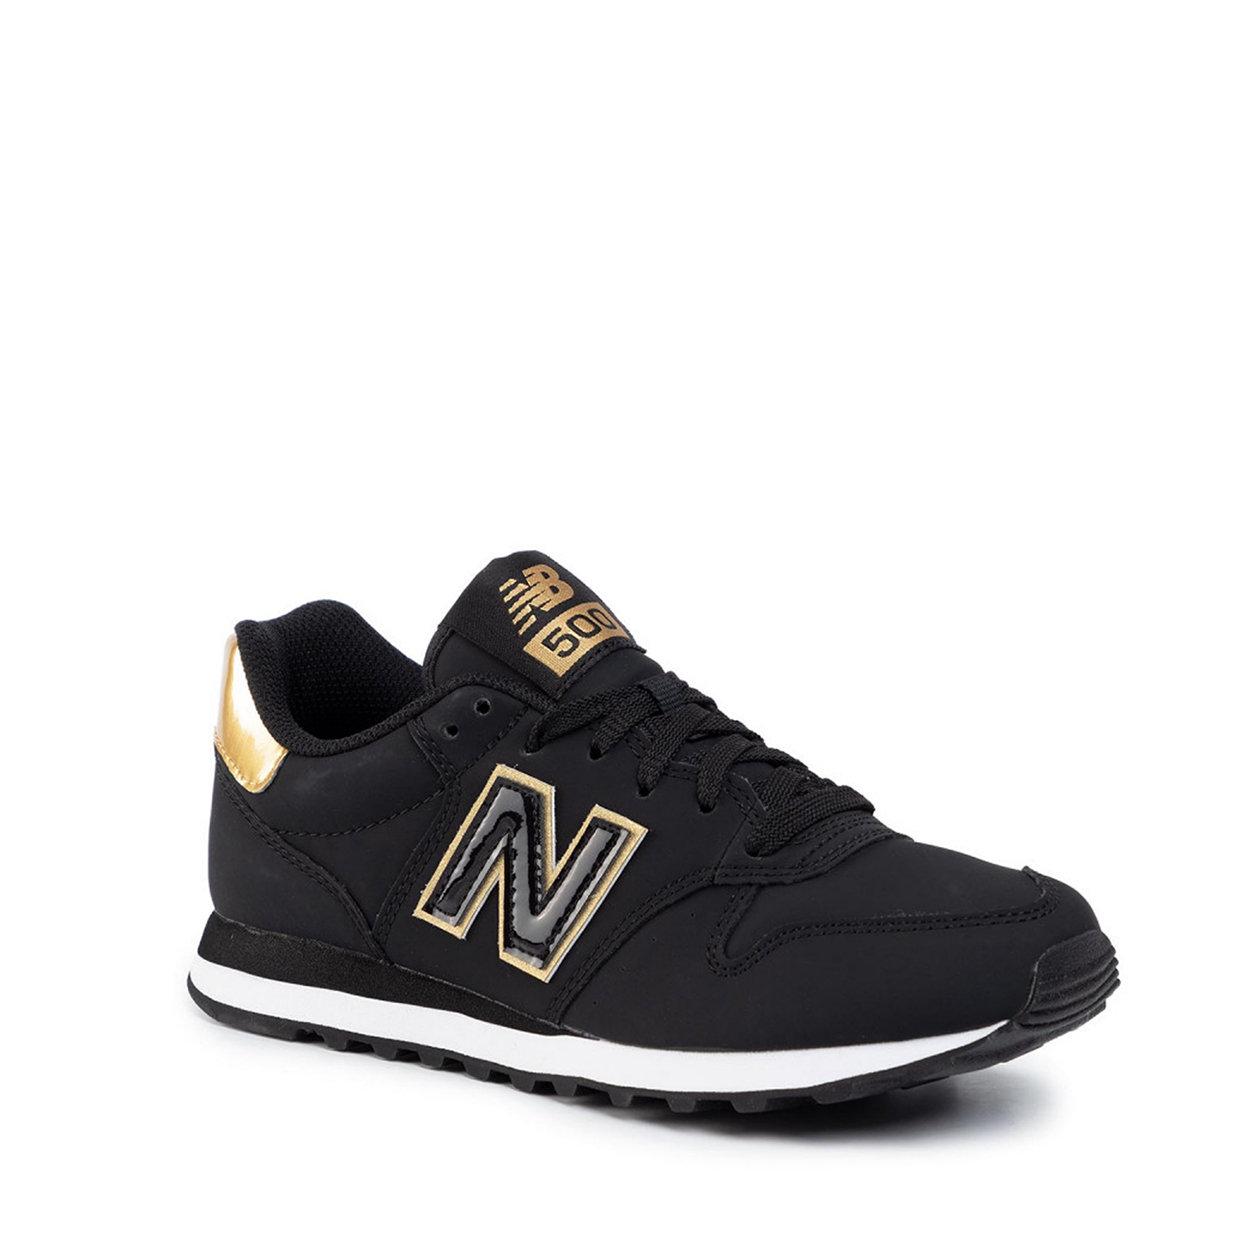 Sneakers modello 500 nere con logo applicato e dettagli oro